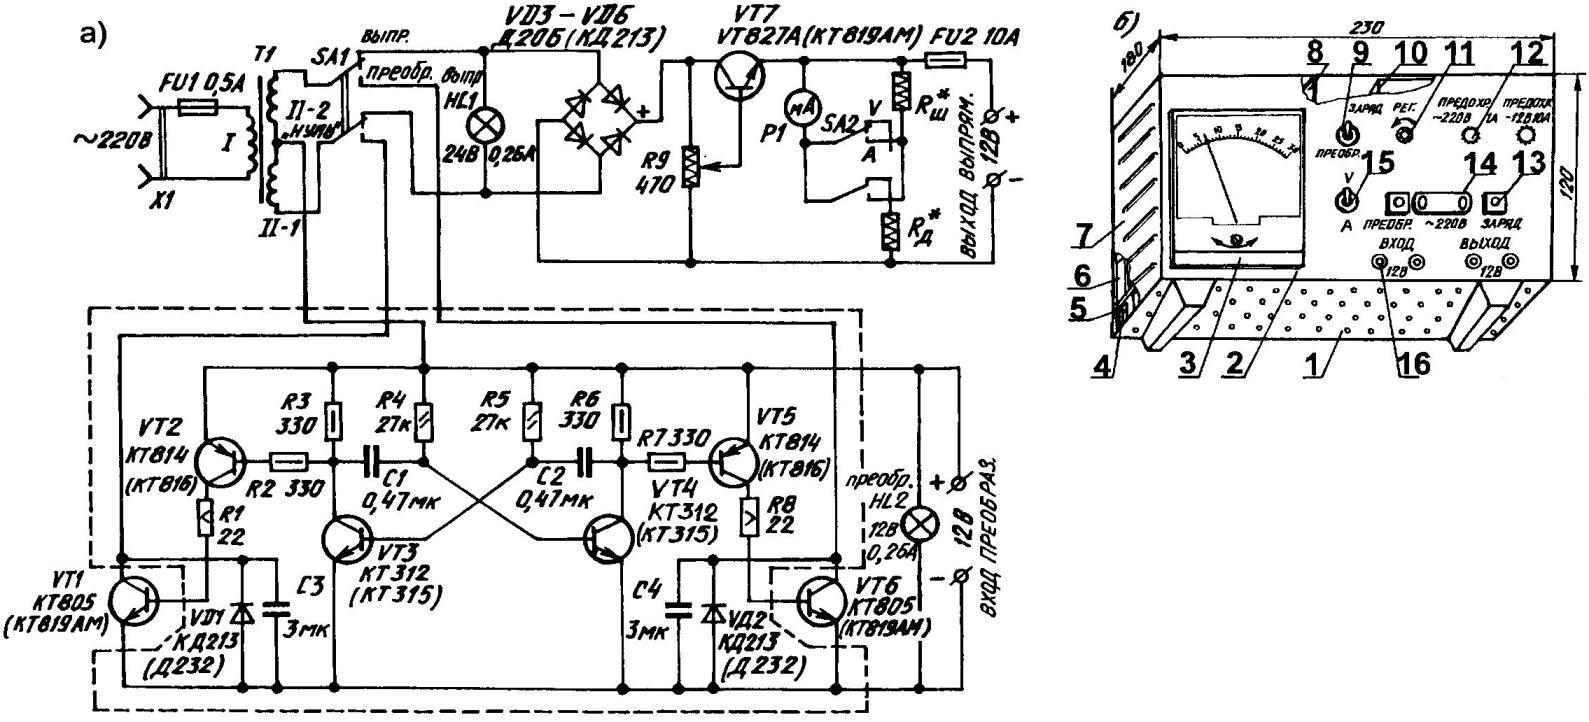 Принципиальная электрическая схема преобразователя-универсала (а) и вид готового устройства (б)